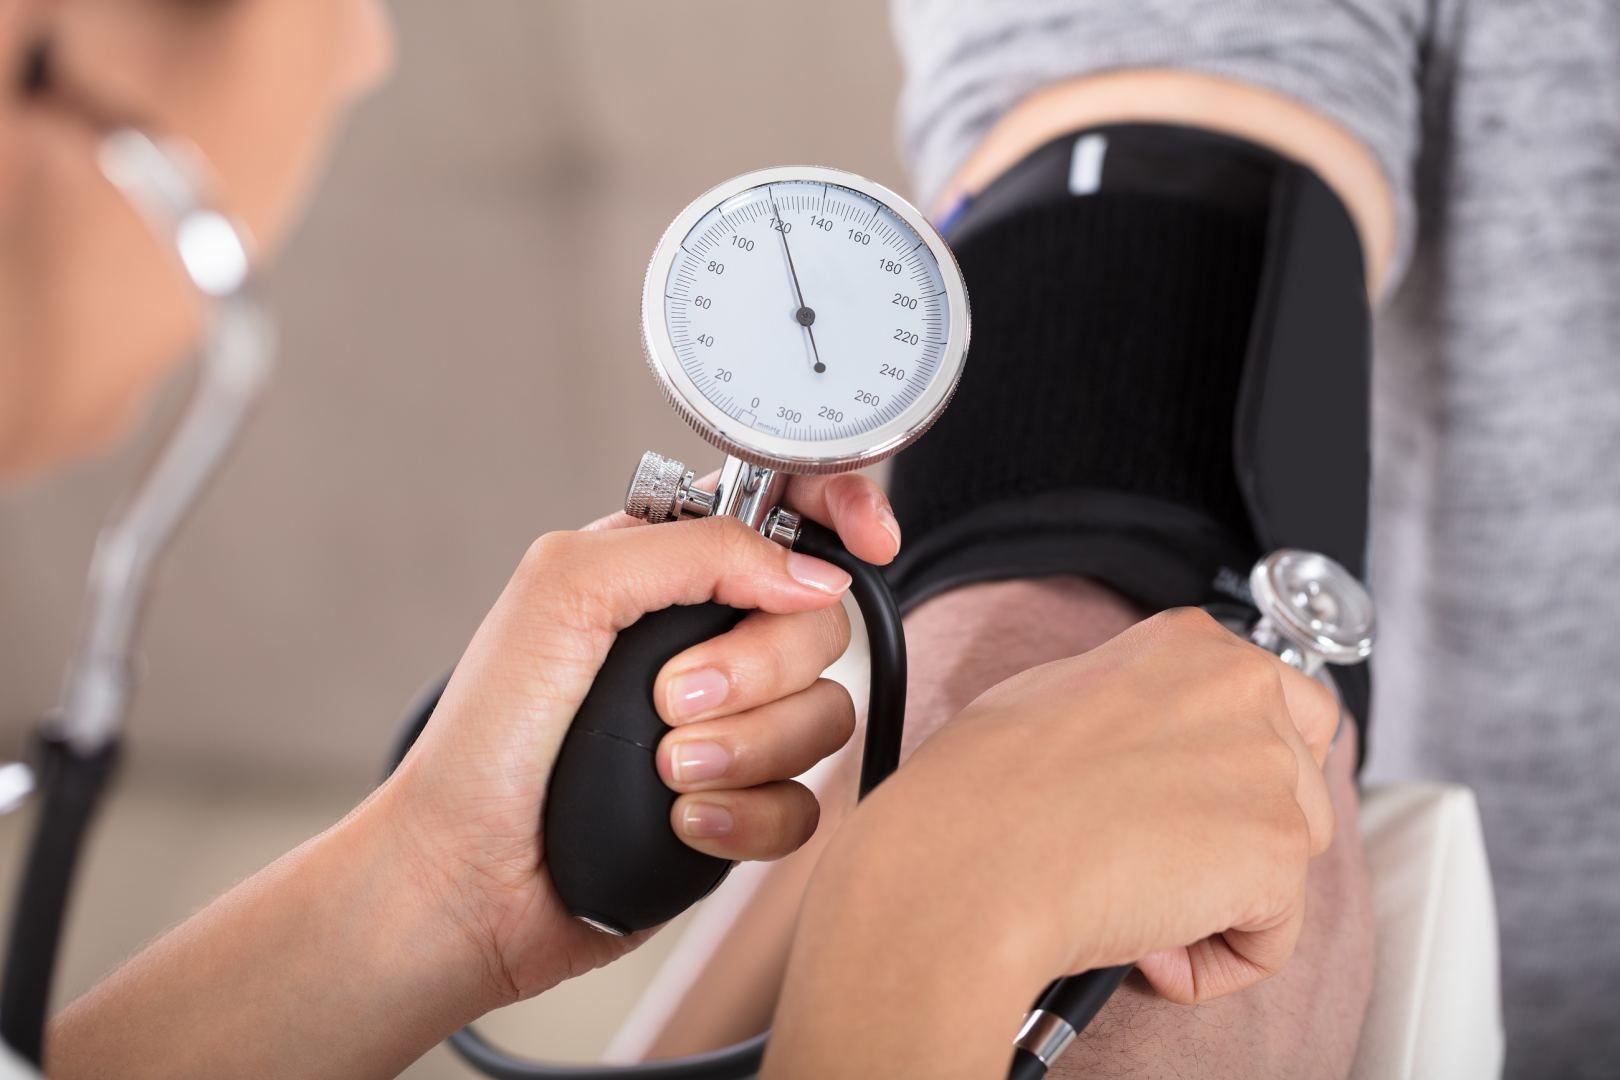 kaip gydyti hipertenziją namuose ir kaip